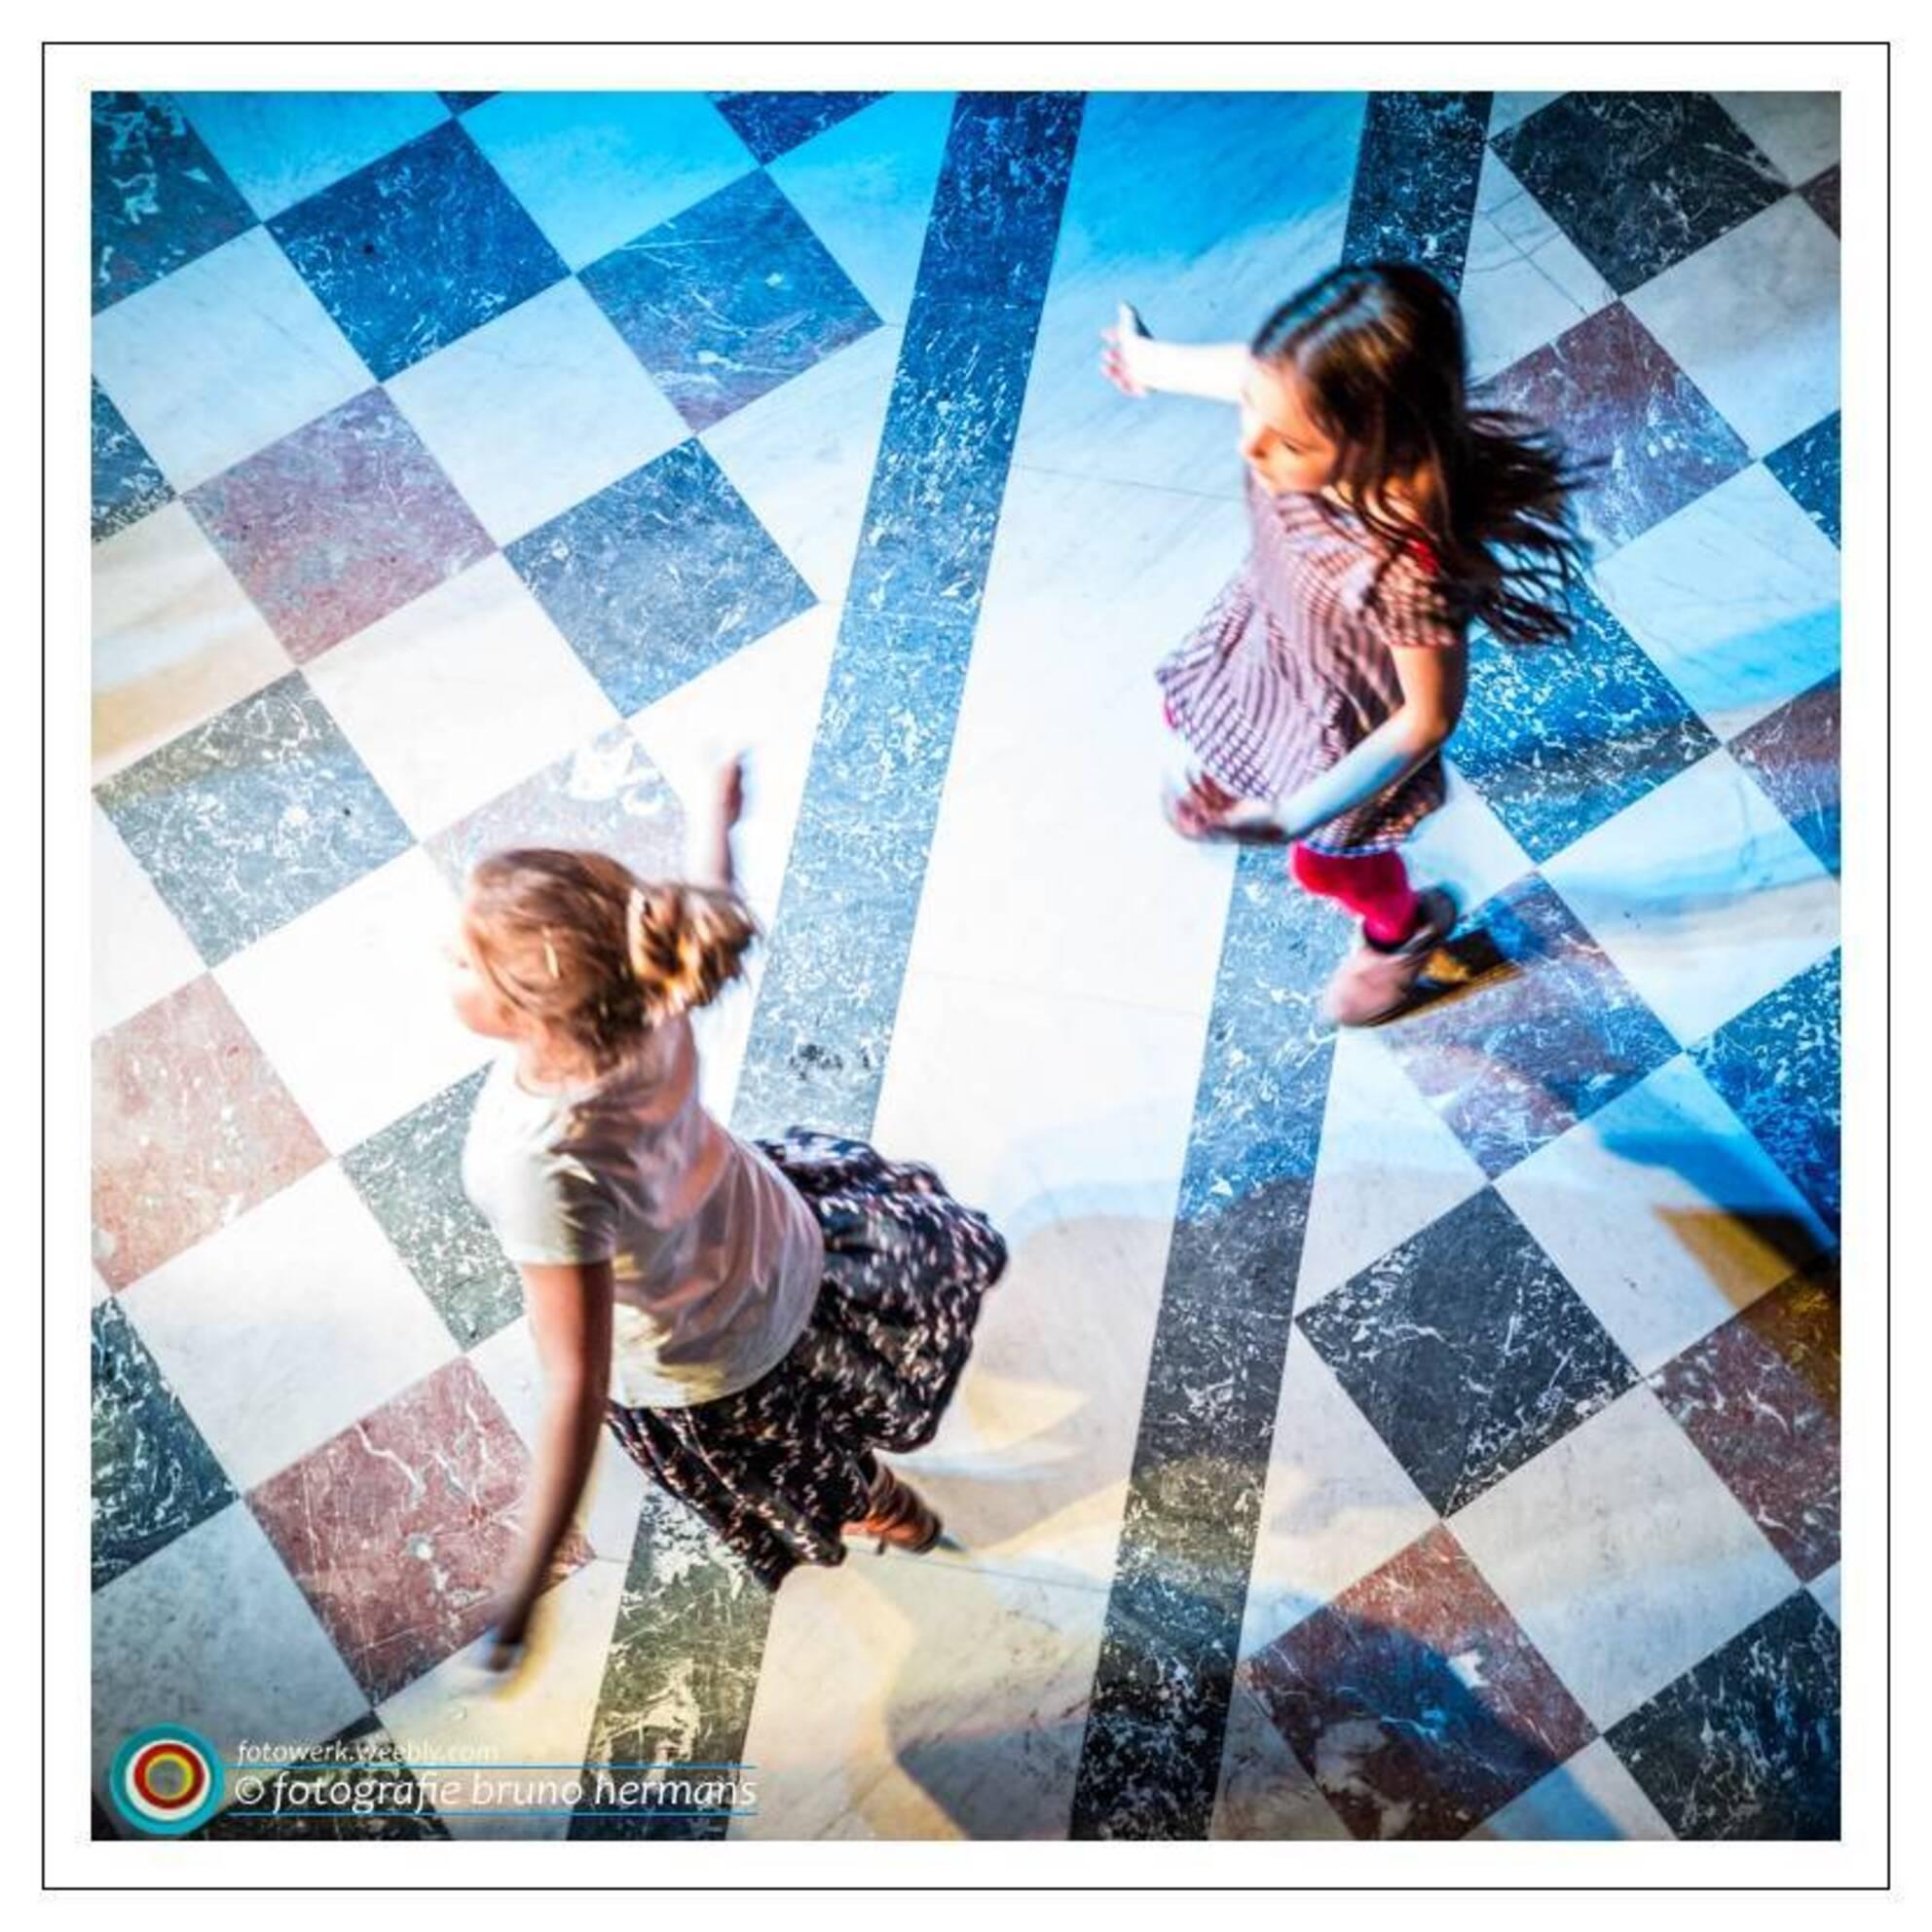 Party - Een foto uit mijn archief. De mama van het linkse kindje vierde haar 40 ste verjaardag. De twee op de foto gingen stevig uit de bol.  Dank voor uw r - foto door brunohermans op 13-01-2017 - deze foto bevat: kleur, licht, party, dansen, beweging, feest, verjaardag - Deze foto mag gebruikt worden in een Zoom.nl publicatie